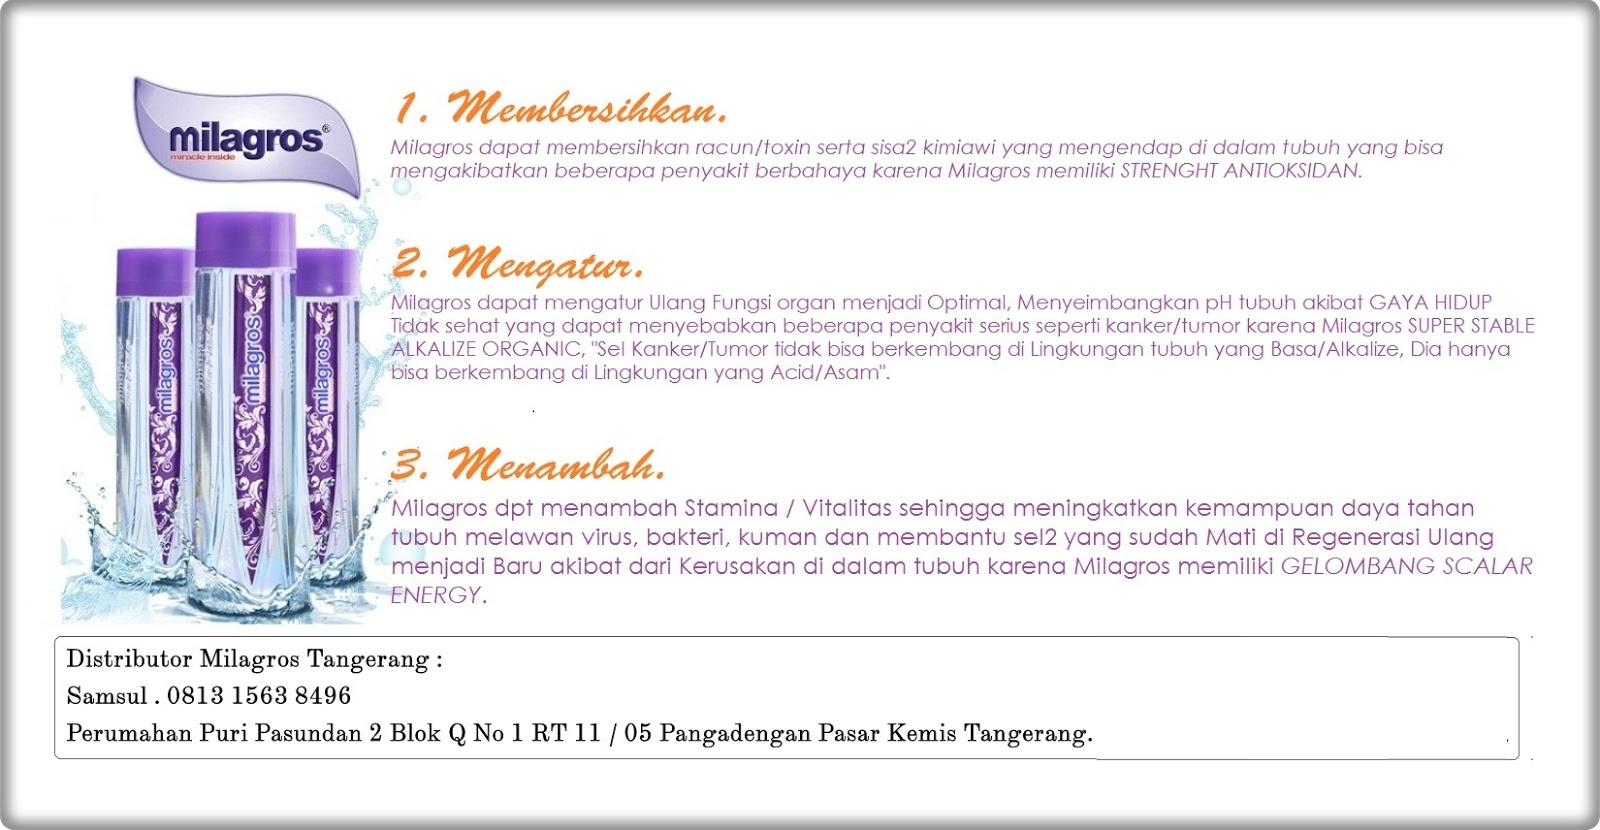 Stokis Air Milagros Tangerang 0813 1563 8496 Stokis Air